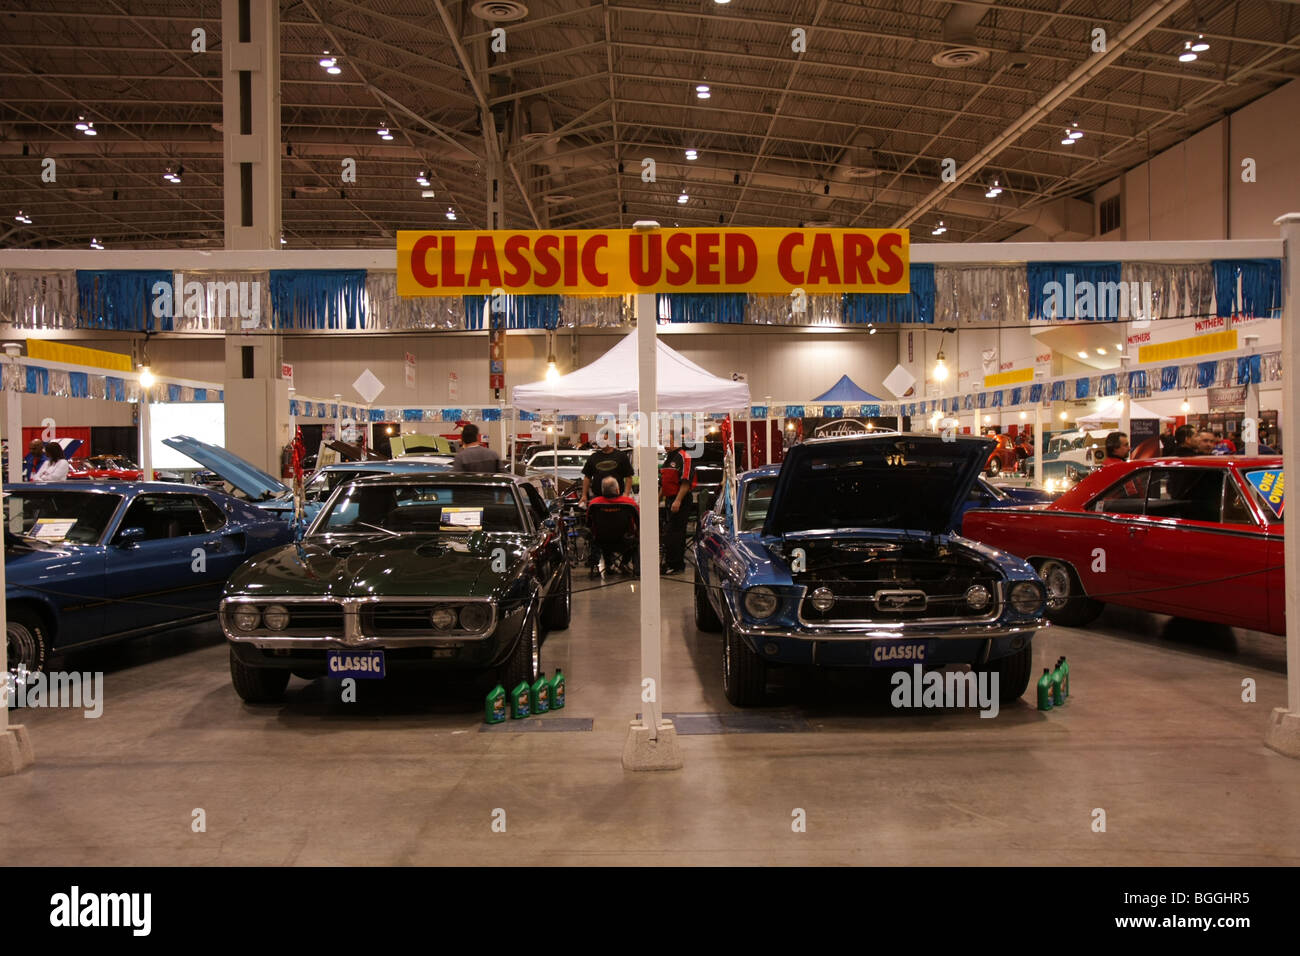 Auto Market Immagini Auto Market Fotos Stock Alamy - Mercato car show